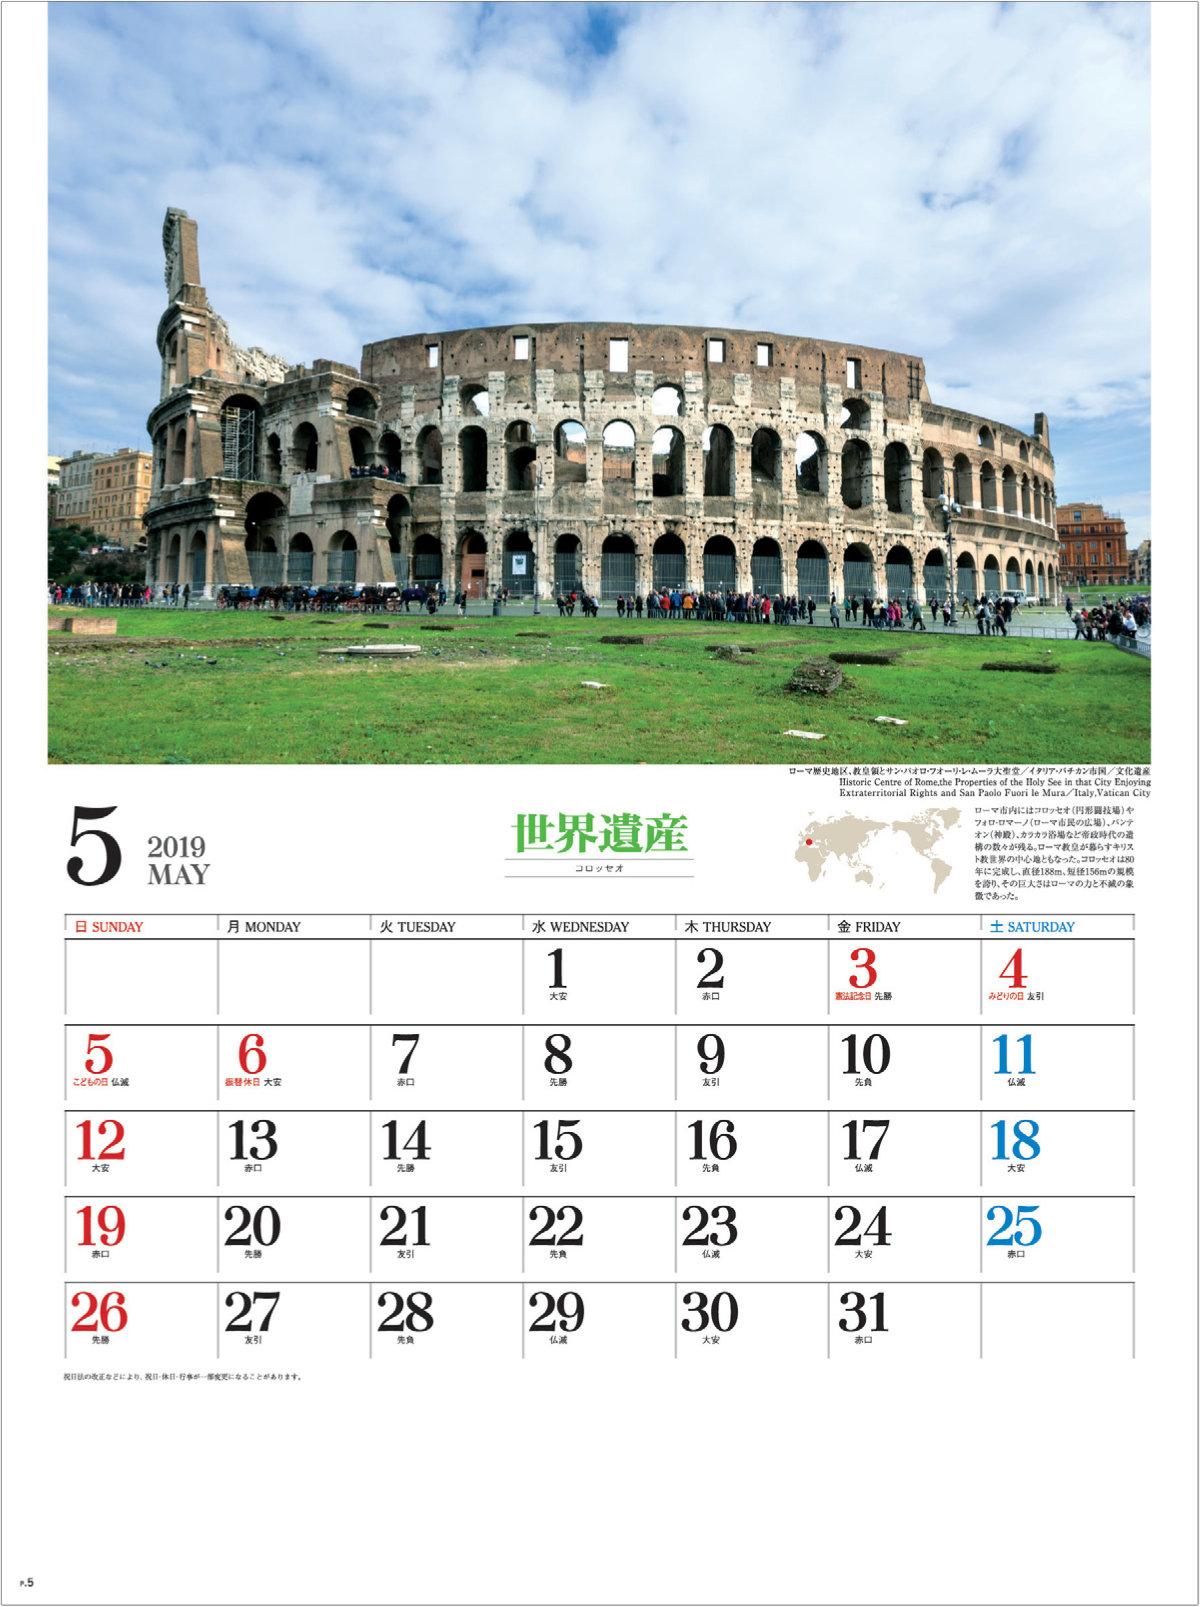 画像:イタリア・バチカン ローマ歴史地区 ユネスコ世界遺産 2019年カレンダー